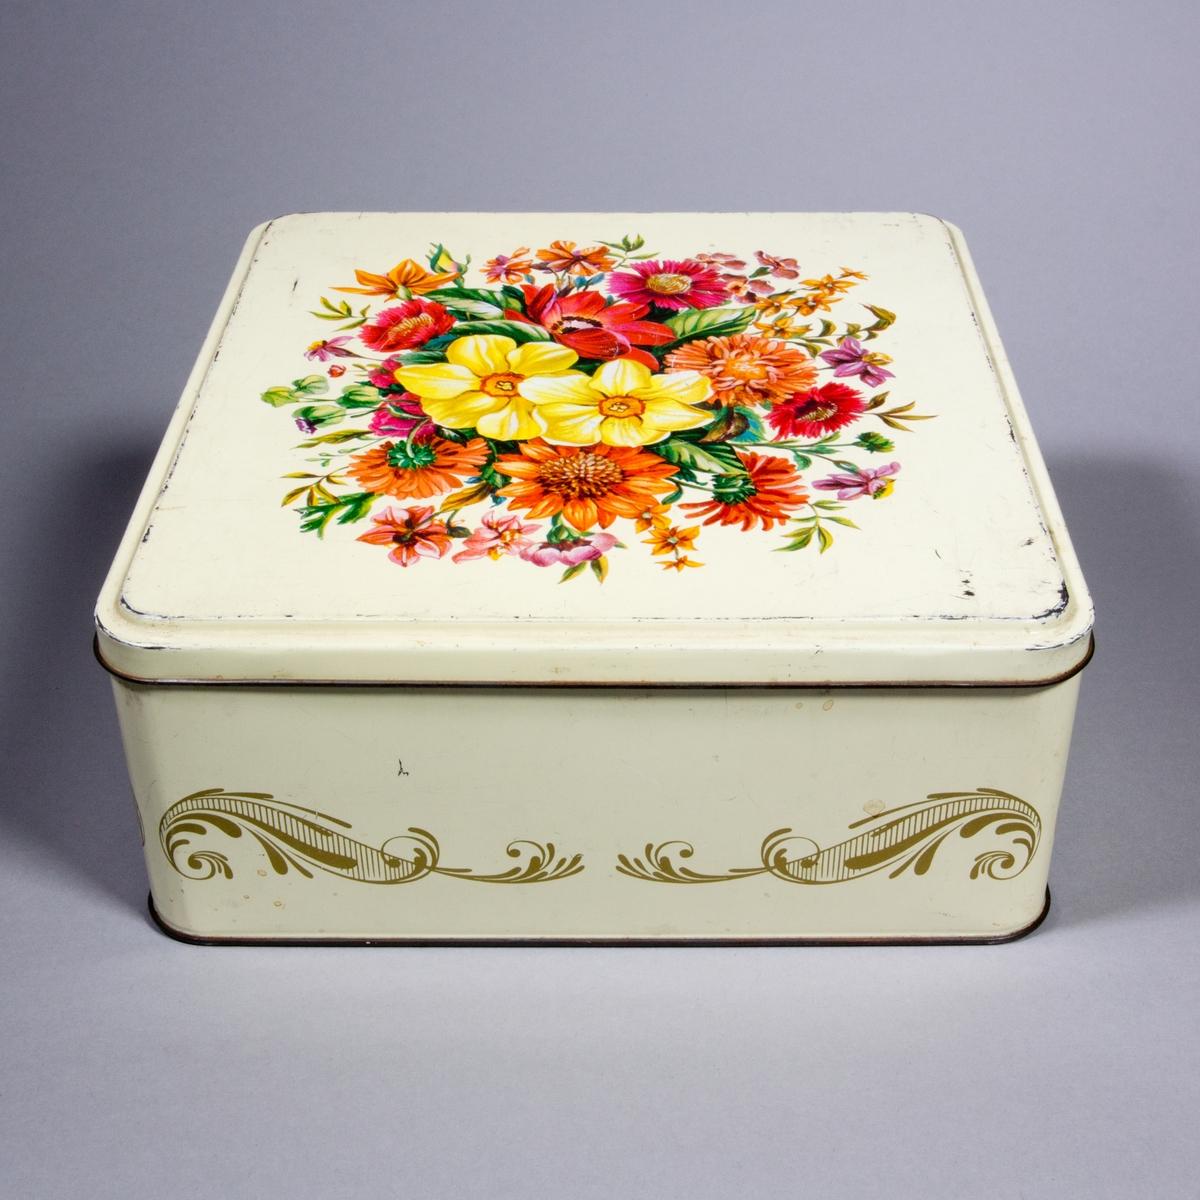 Burk, plåtburk, rektangulär med plant avtagbart trycklock. Gulvit bottenfärg och guldfärgade slingor på sidorna. Locket dekorerat med blommor i olika röda, gula och oranga toner.